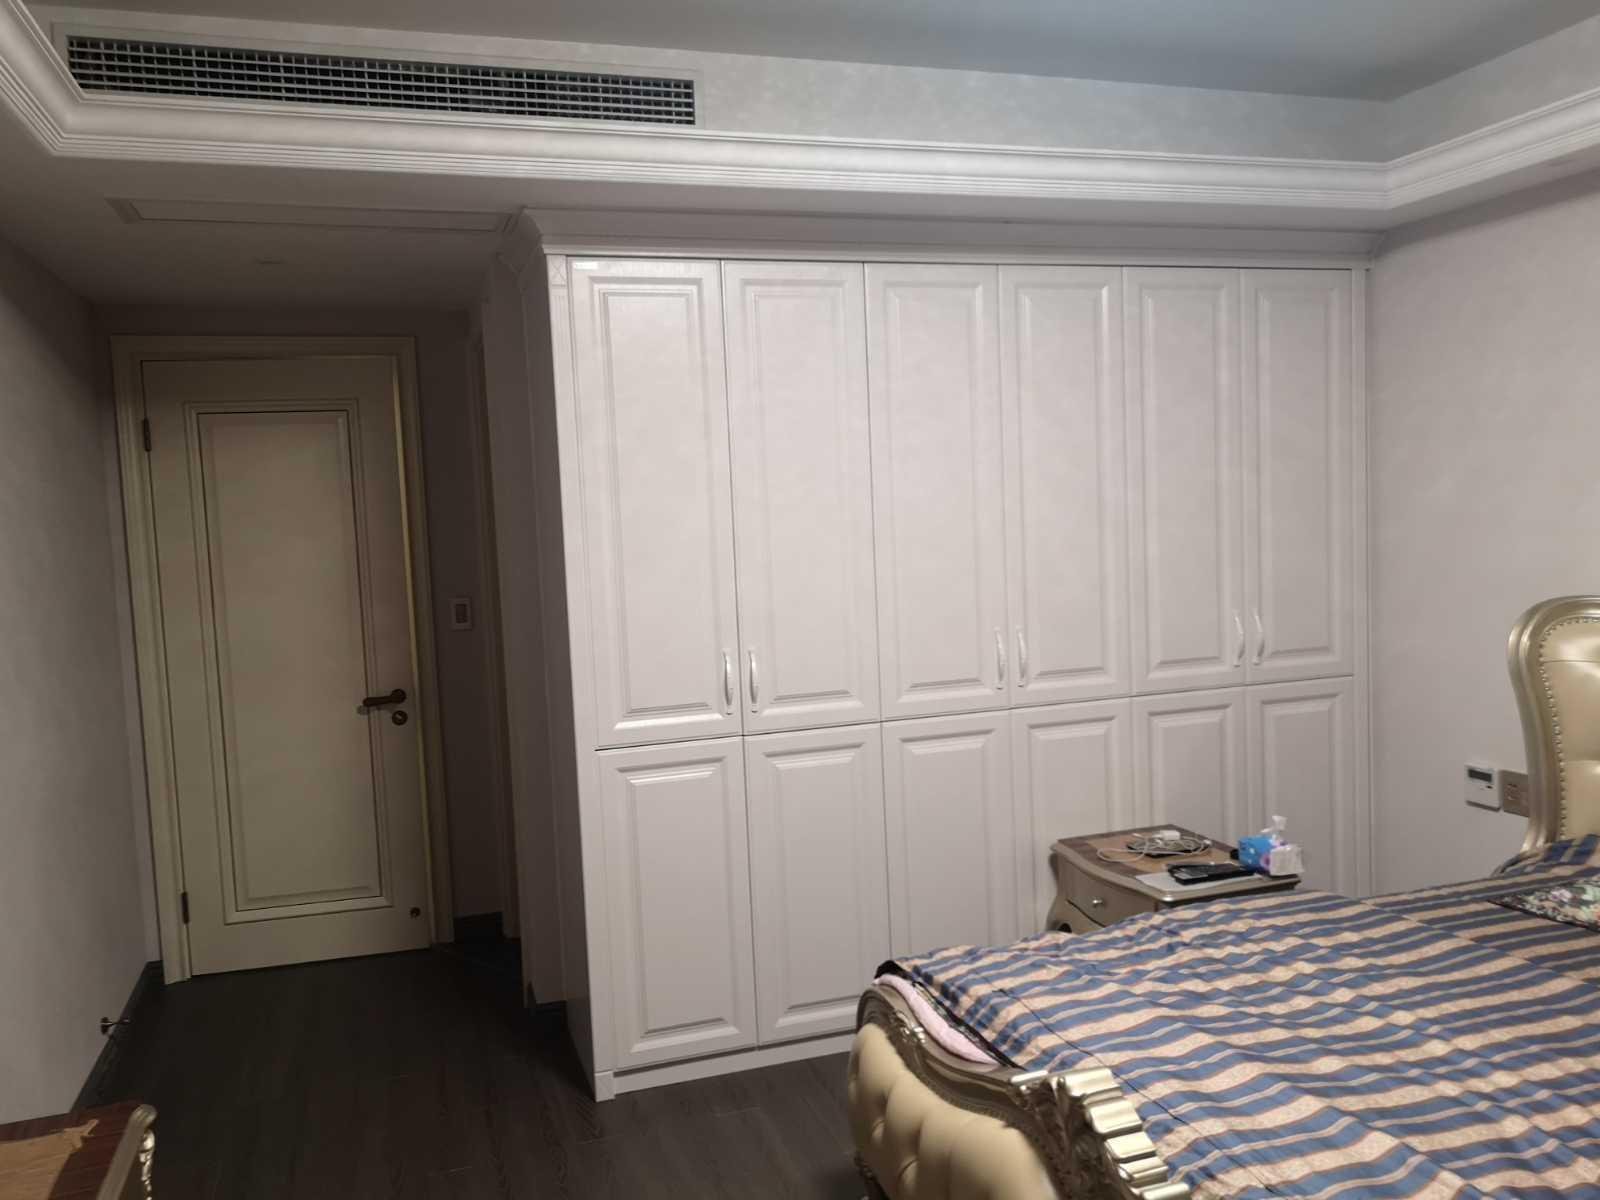 07051:出售赞成10楼中间套,总11层,面积166方,精装修,四室二厅二卫,售价180万,车位另计的实拍照片